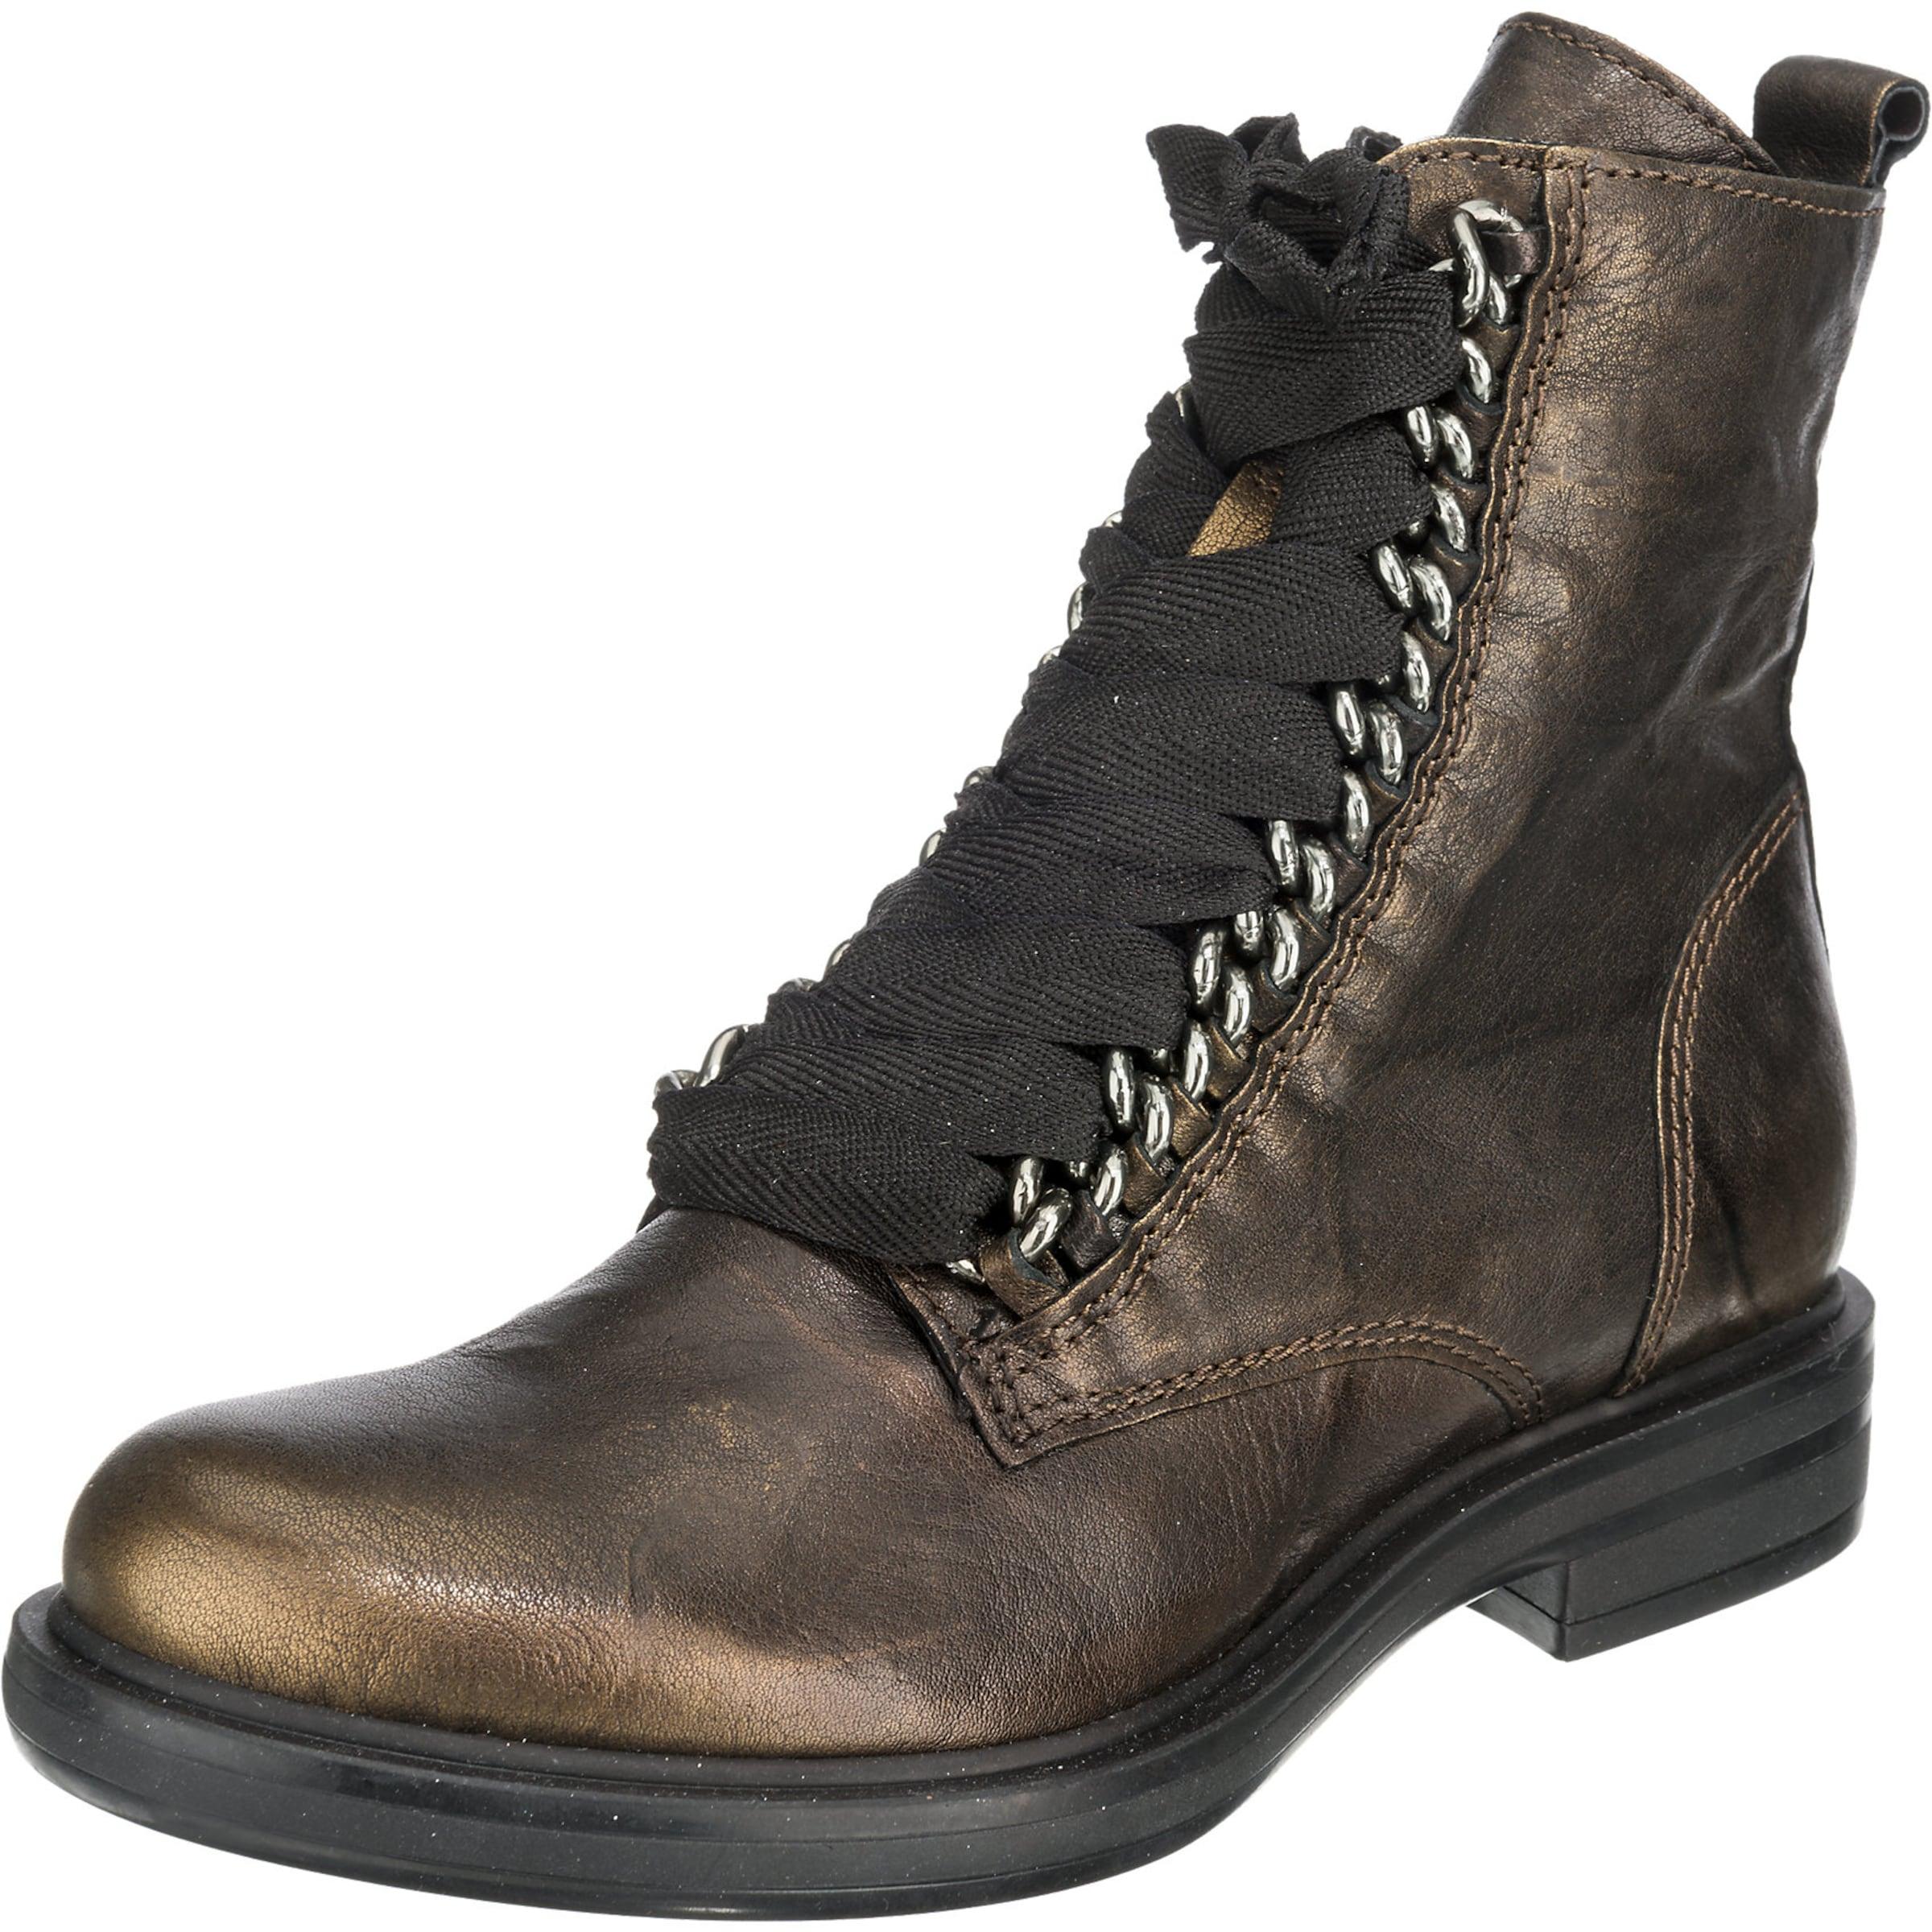 MJUS Stiefeletten Verschleißfeste billige Schuhe Hohe Qualität